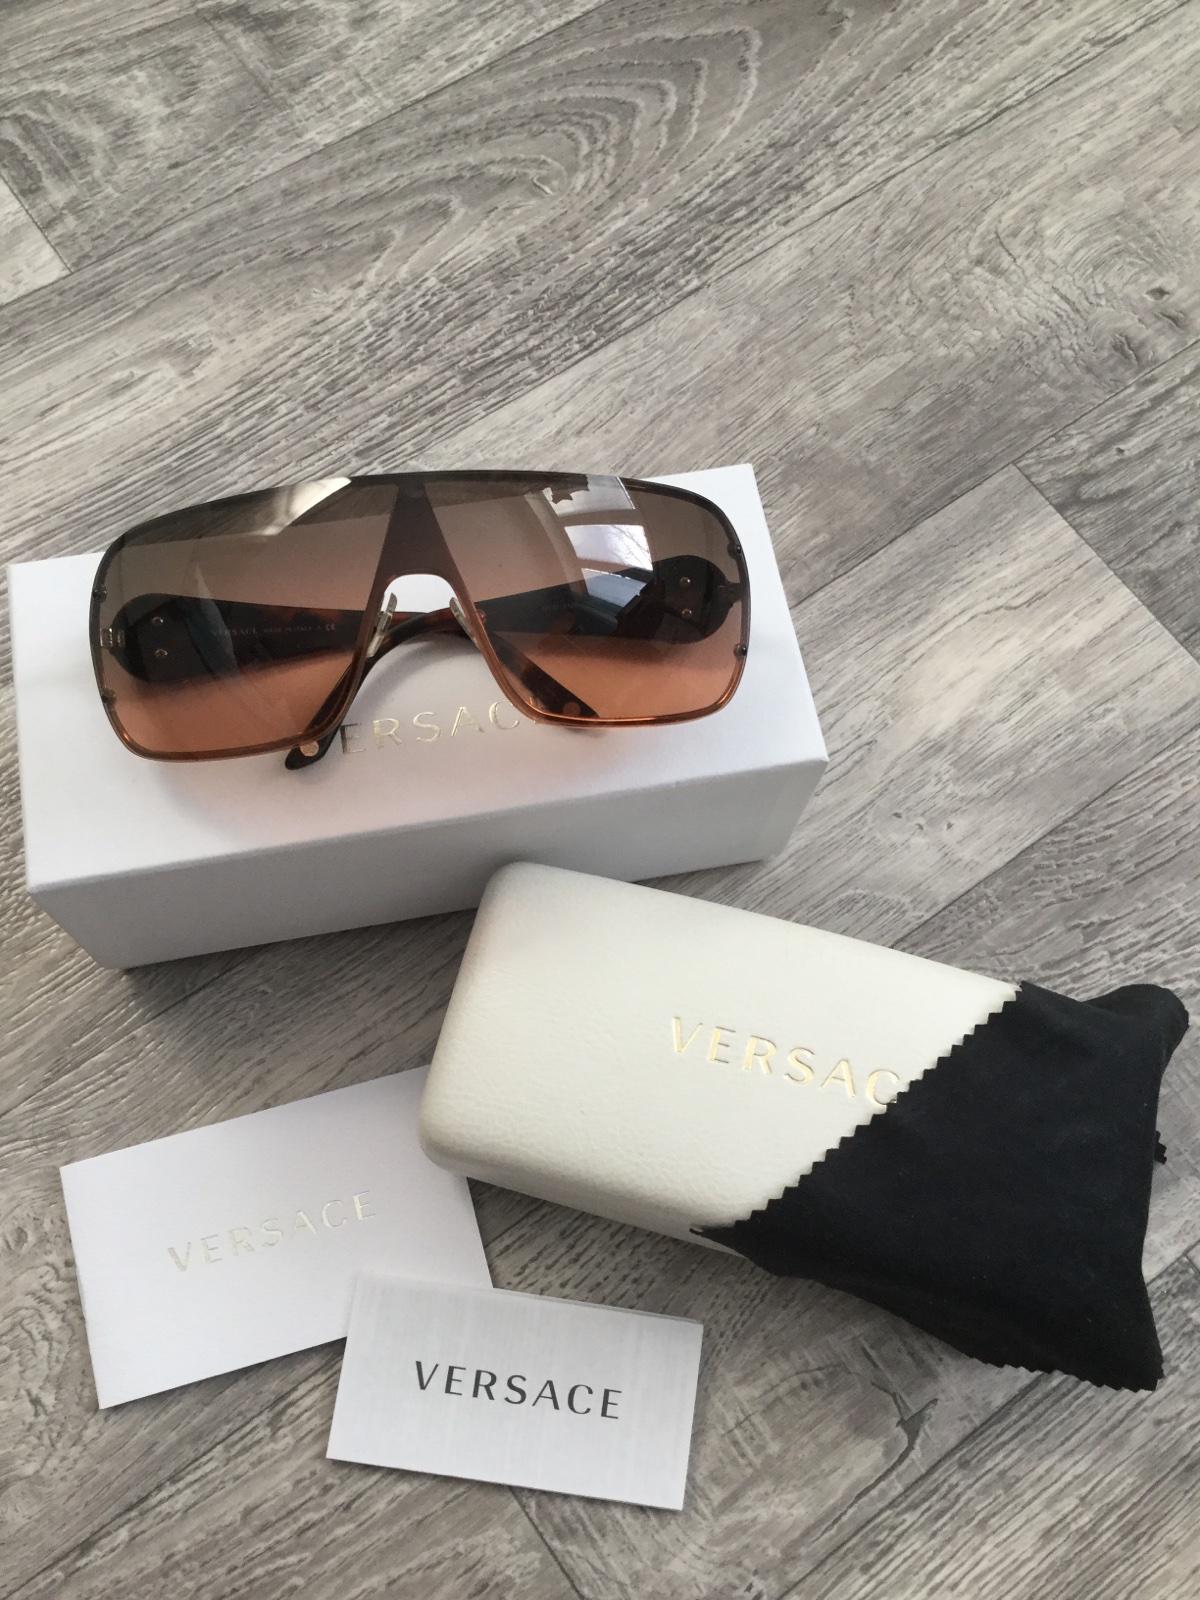 b1ede5d36 Versace slnecne okuliare, - 120 € od predávajúcej katka1025 | Detský bazár  | ModryKonik.sk